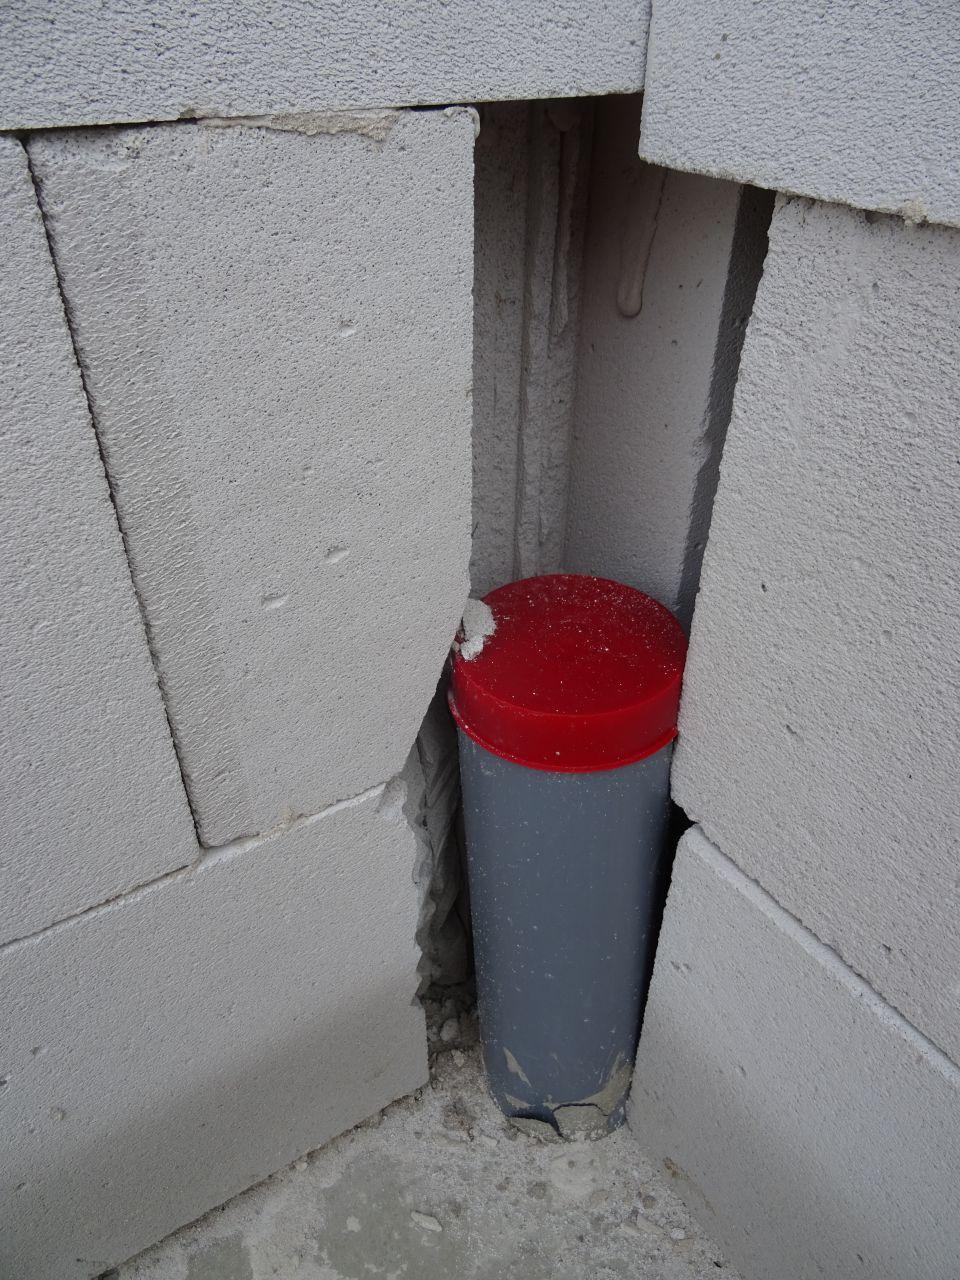 Briques massacrées cette fois le tuyau est bien encastré dans le mur, pas le choix, mais pourquoi si haut ? (les briques à droite ne font pas partie du mur)